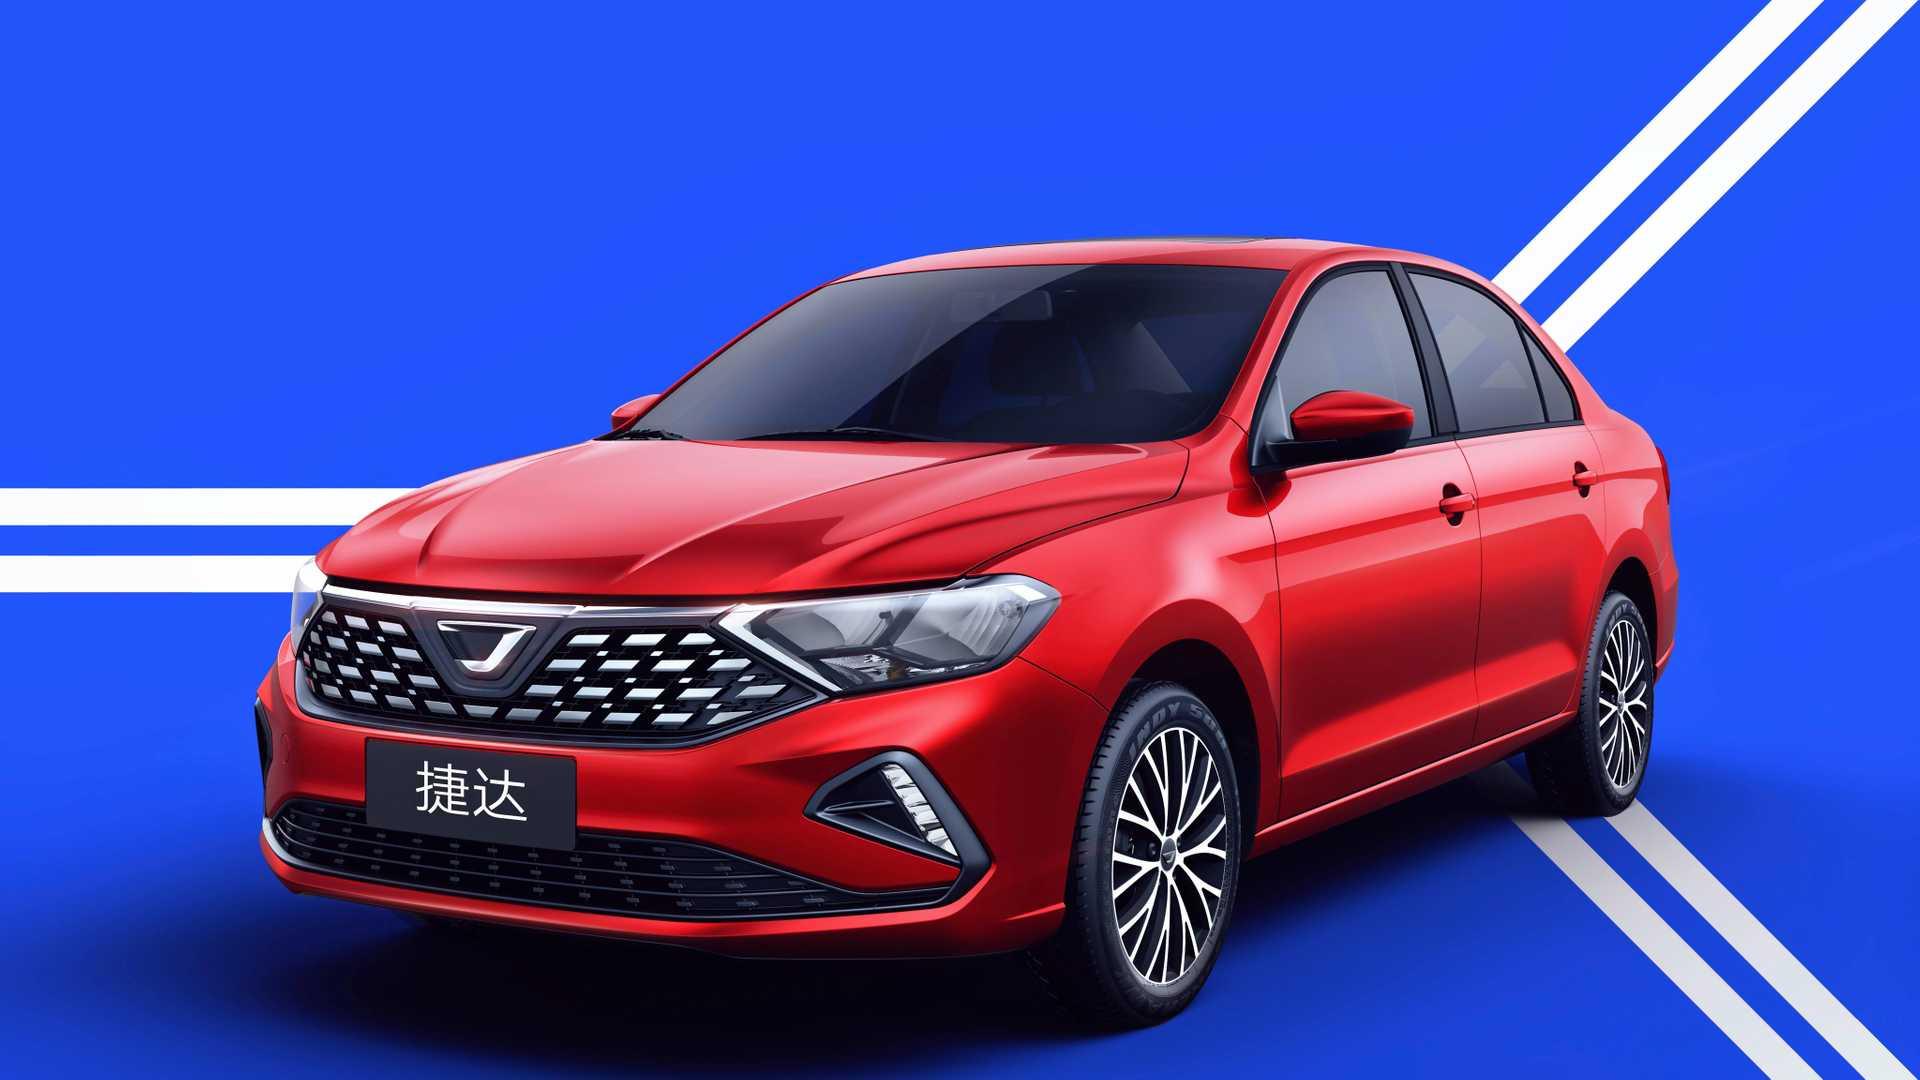 Volkswagen превратил Jetta в отдельную марку для Китая 2